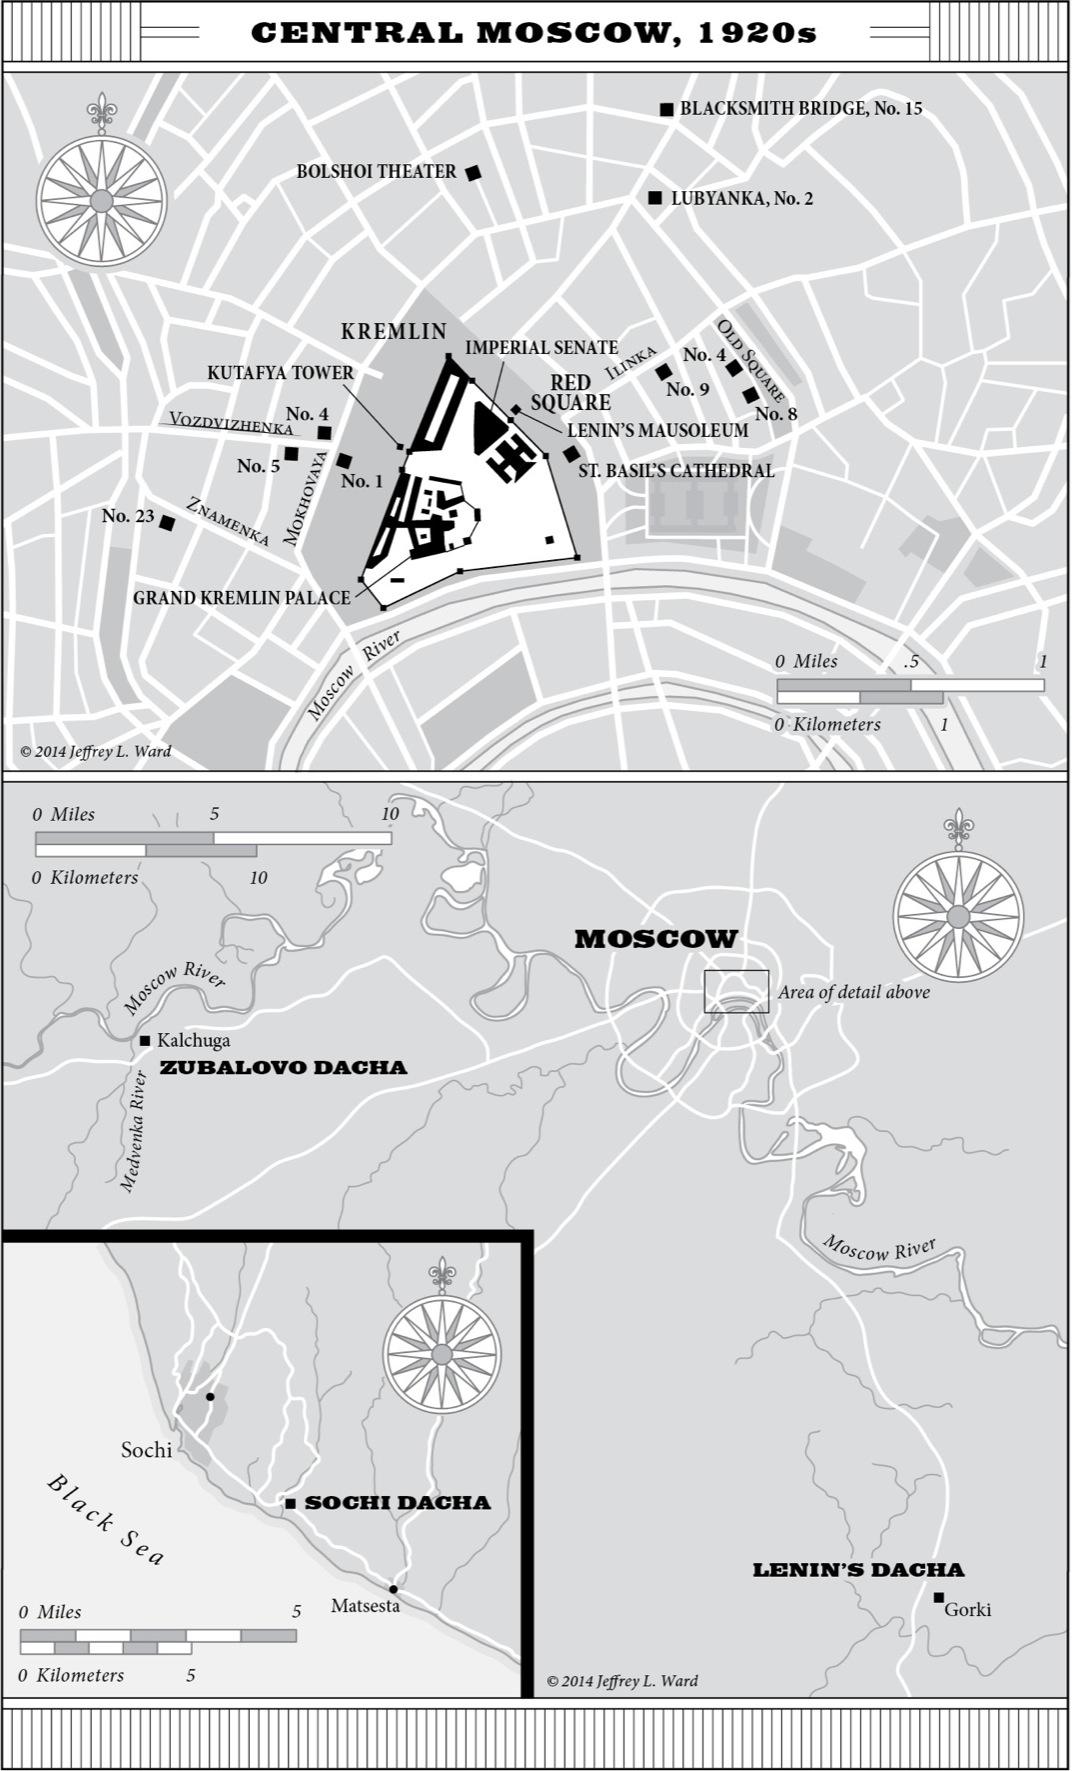 Monete Antiche Romane Initiative Constantius Ii 337-361 Ad Roman Imperial Traveling